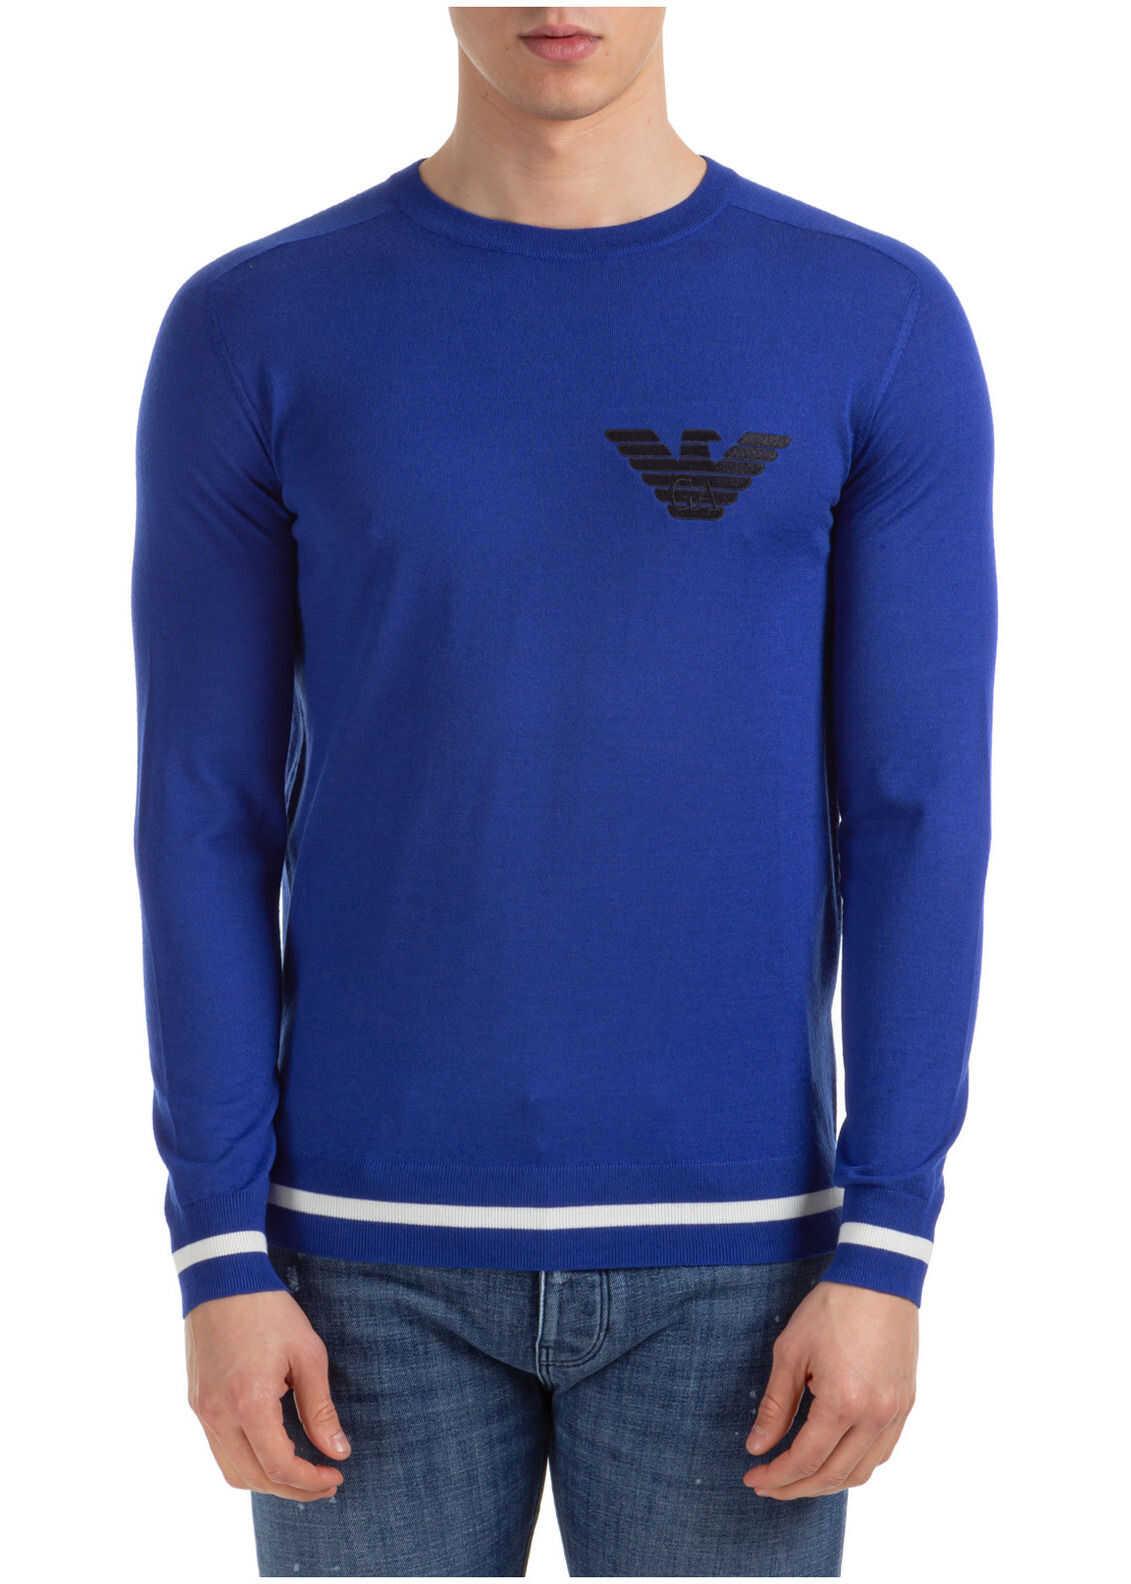 Emporio Armani Sweater Pullover Blue